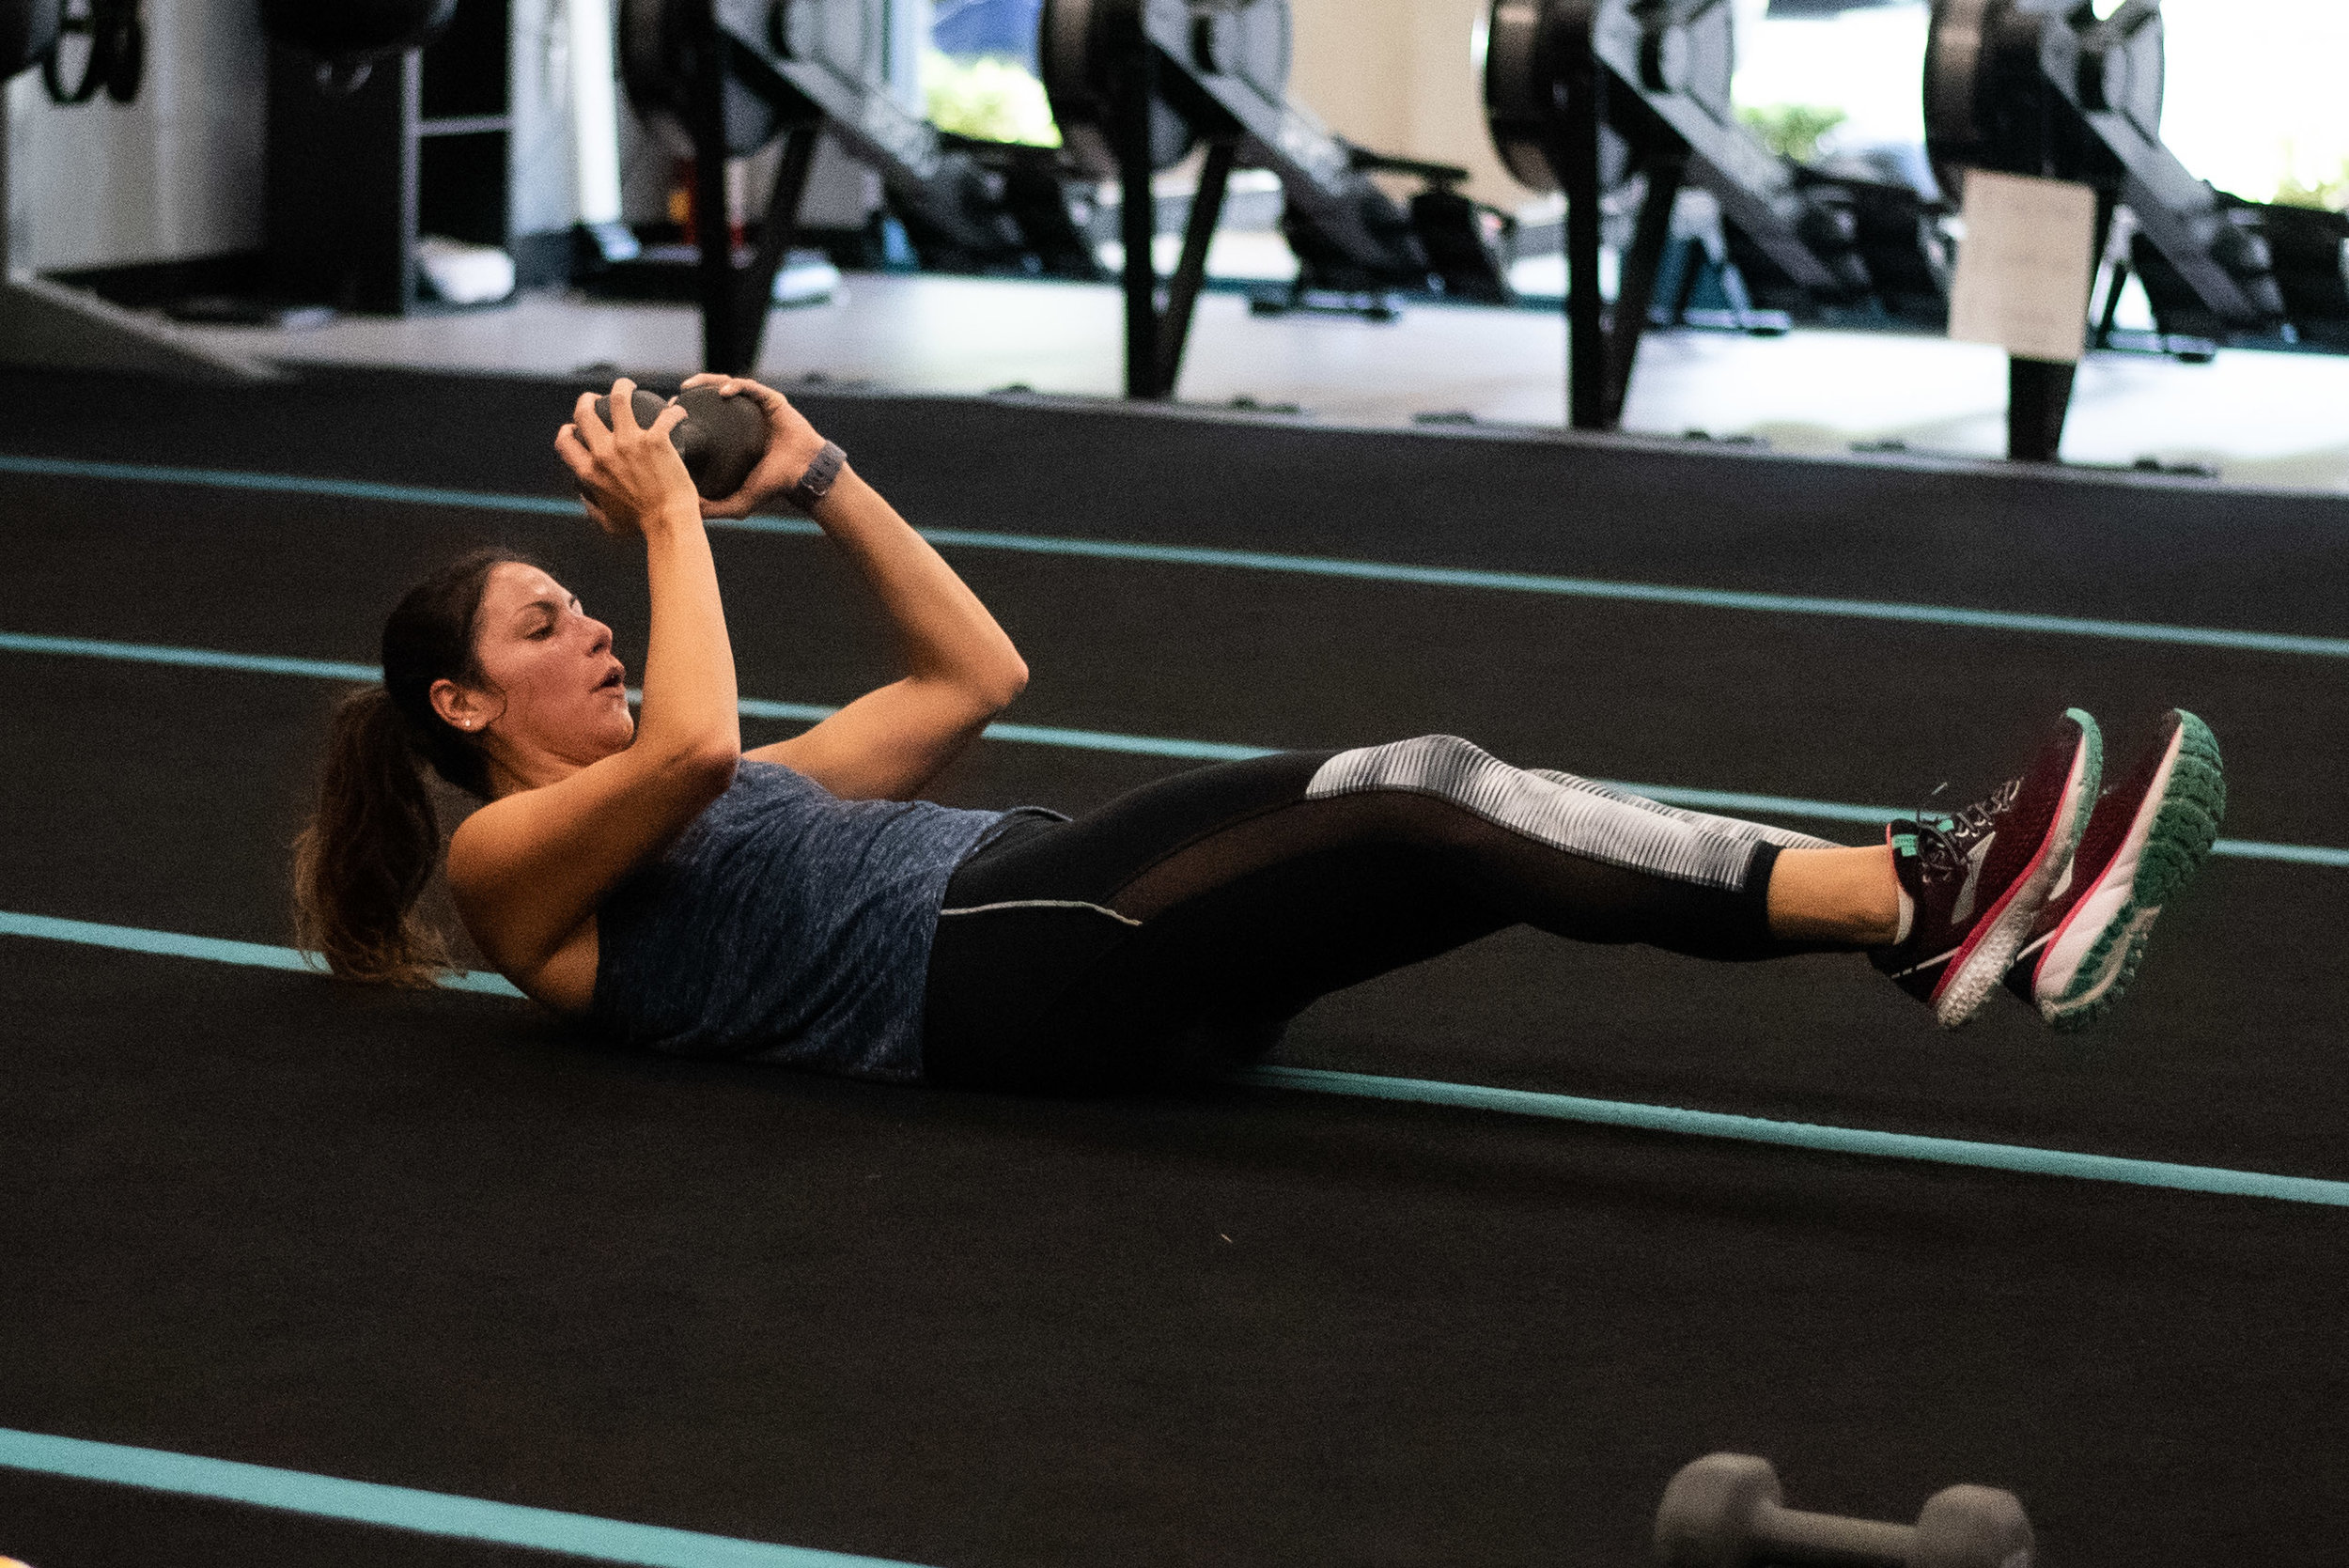 Dumbbell exercising